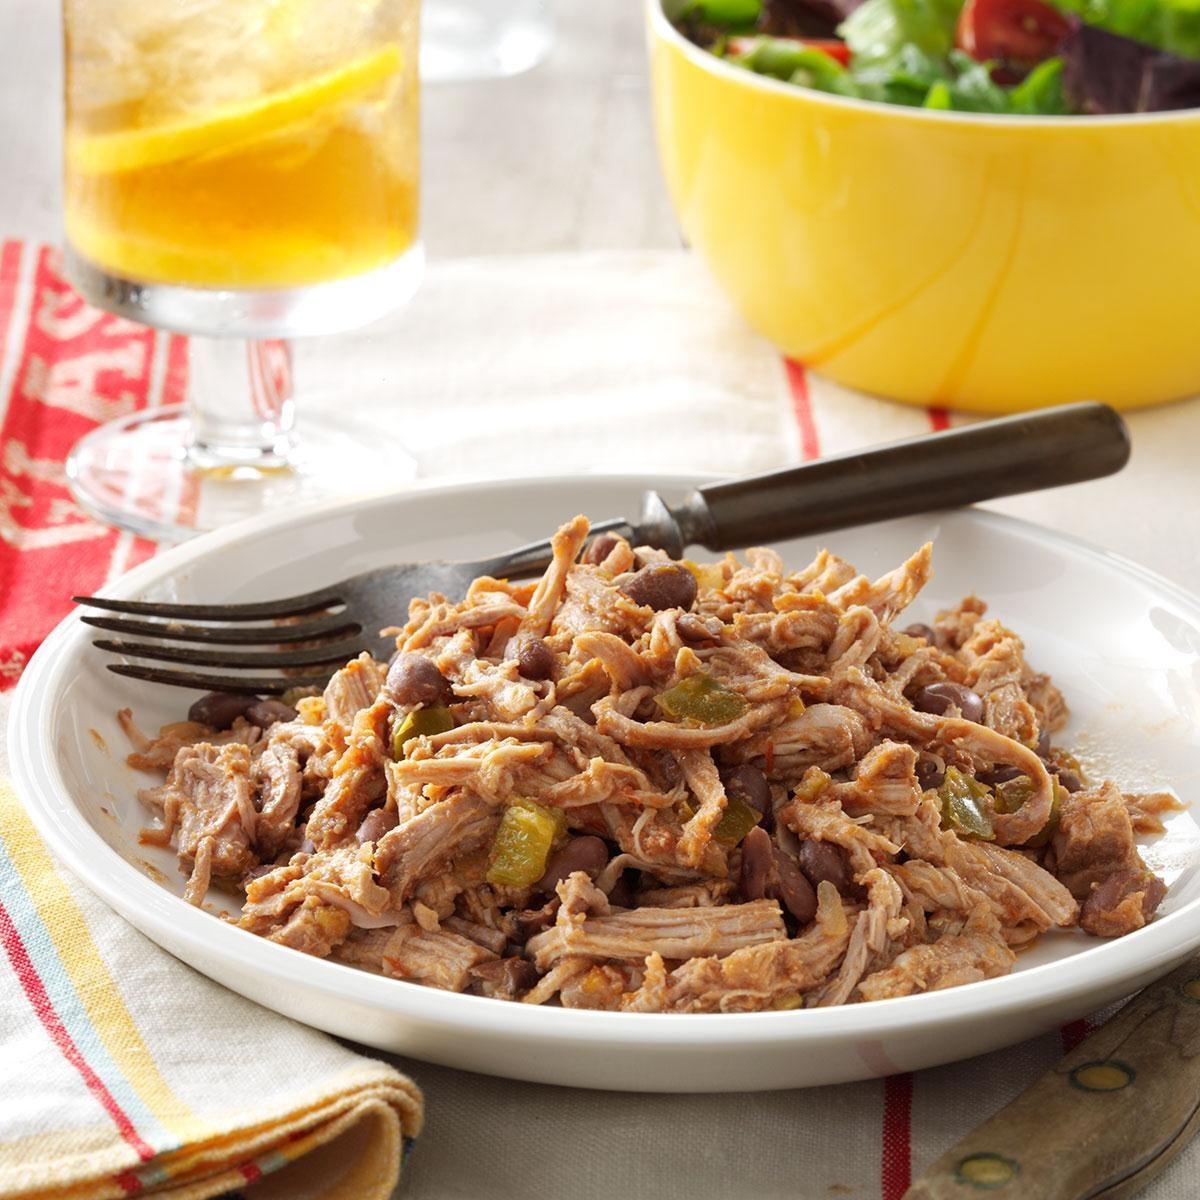 Shredded pork and beans recipe